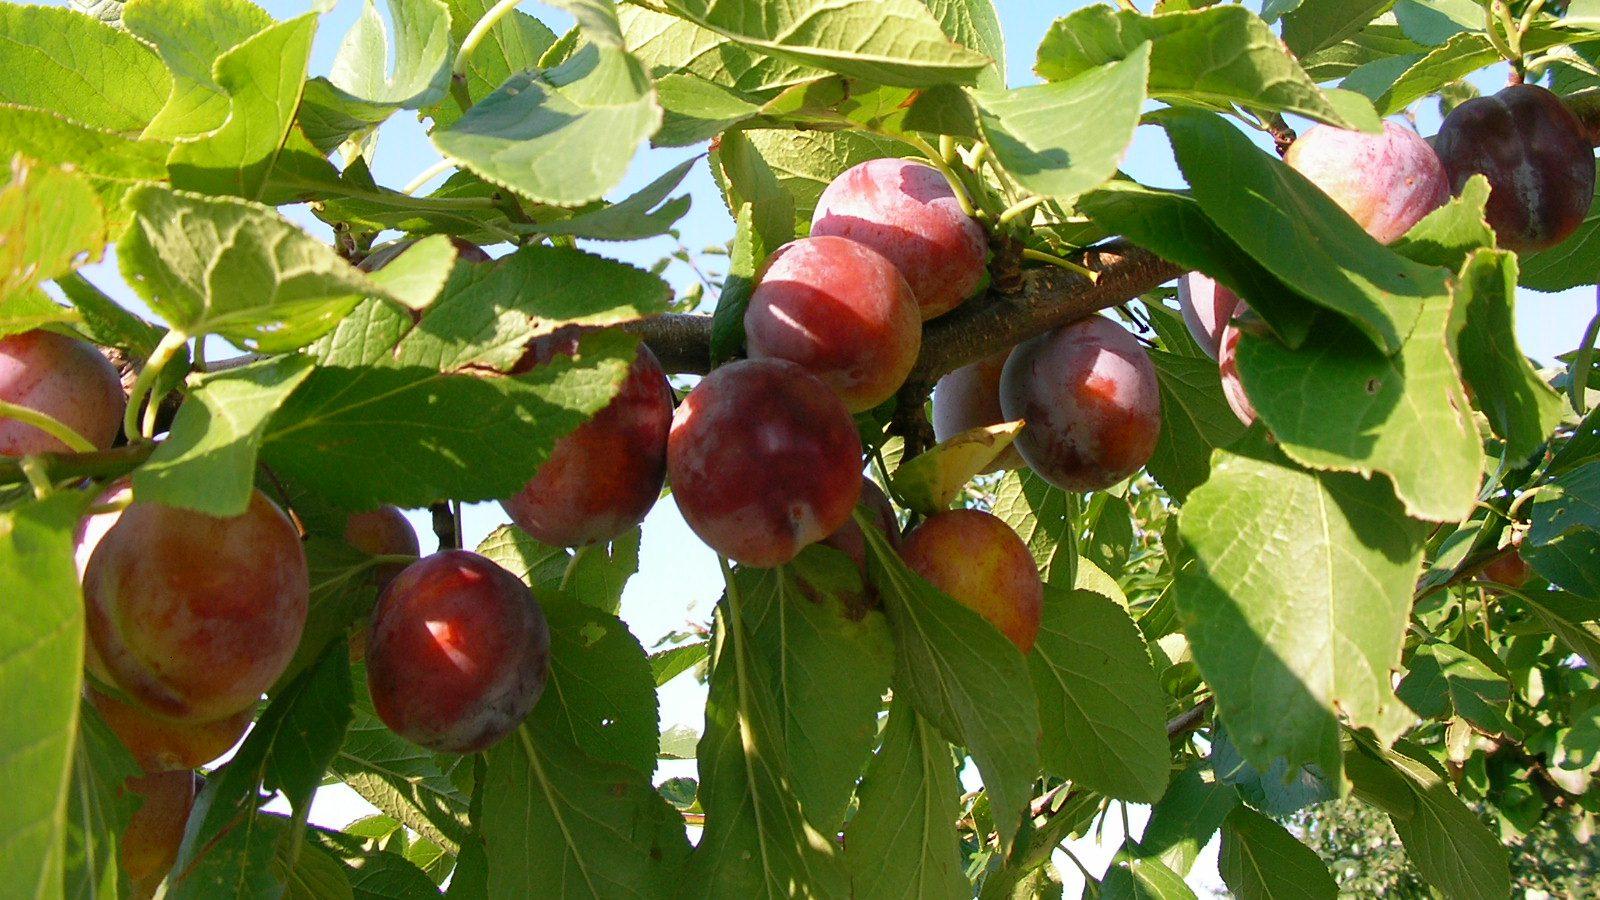 Fruit Picking in Yoichi and Niki